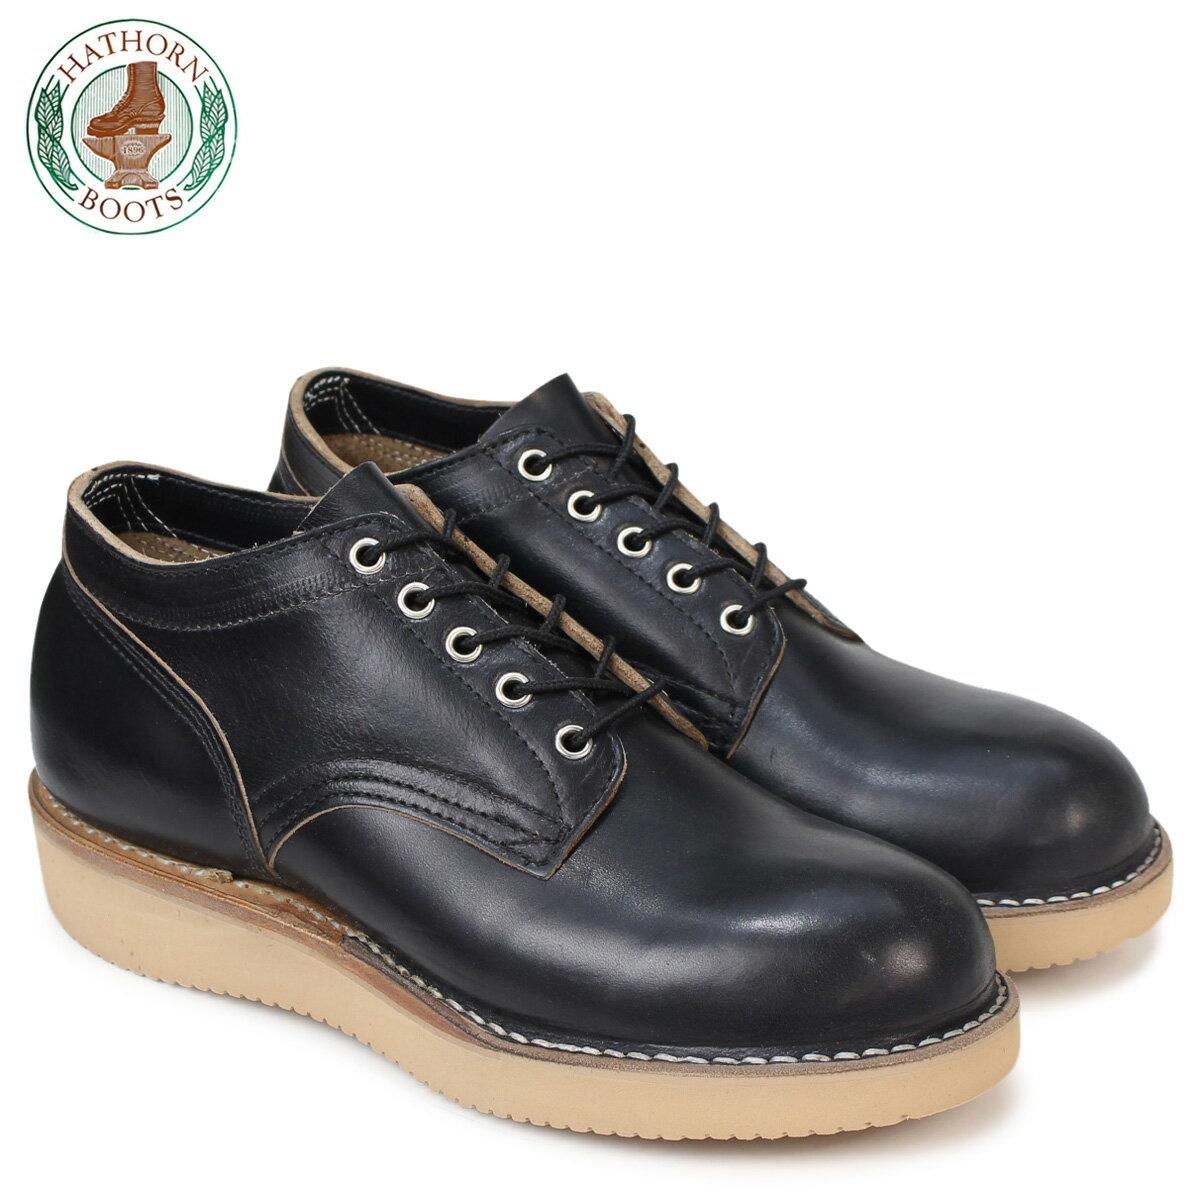 ハソーン HATHORN オックスフォード レーニア RAINIER OXFORD 104NWC ブラック メンズ ホワイツ ブーツ